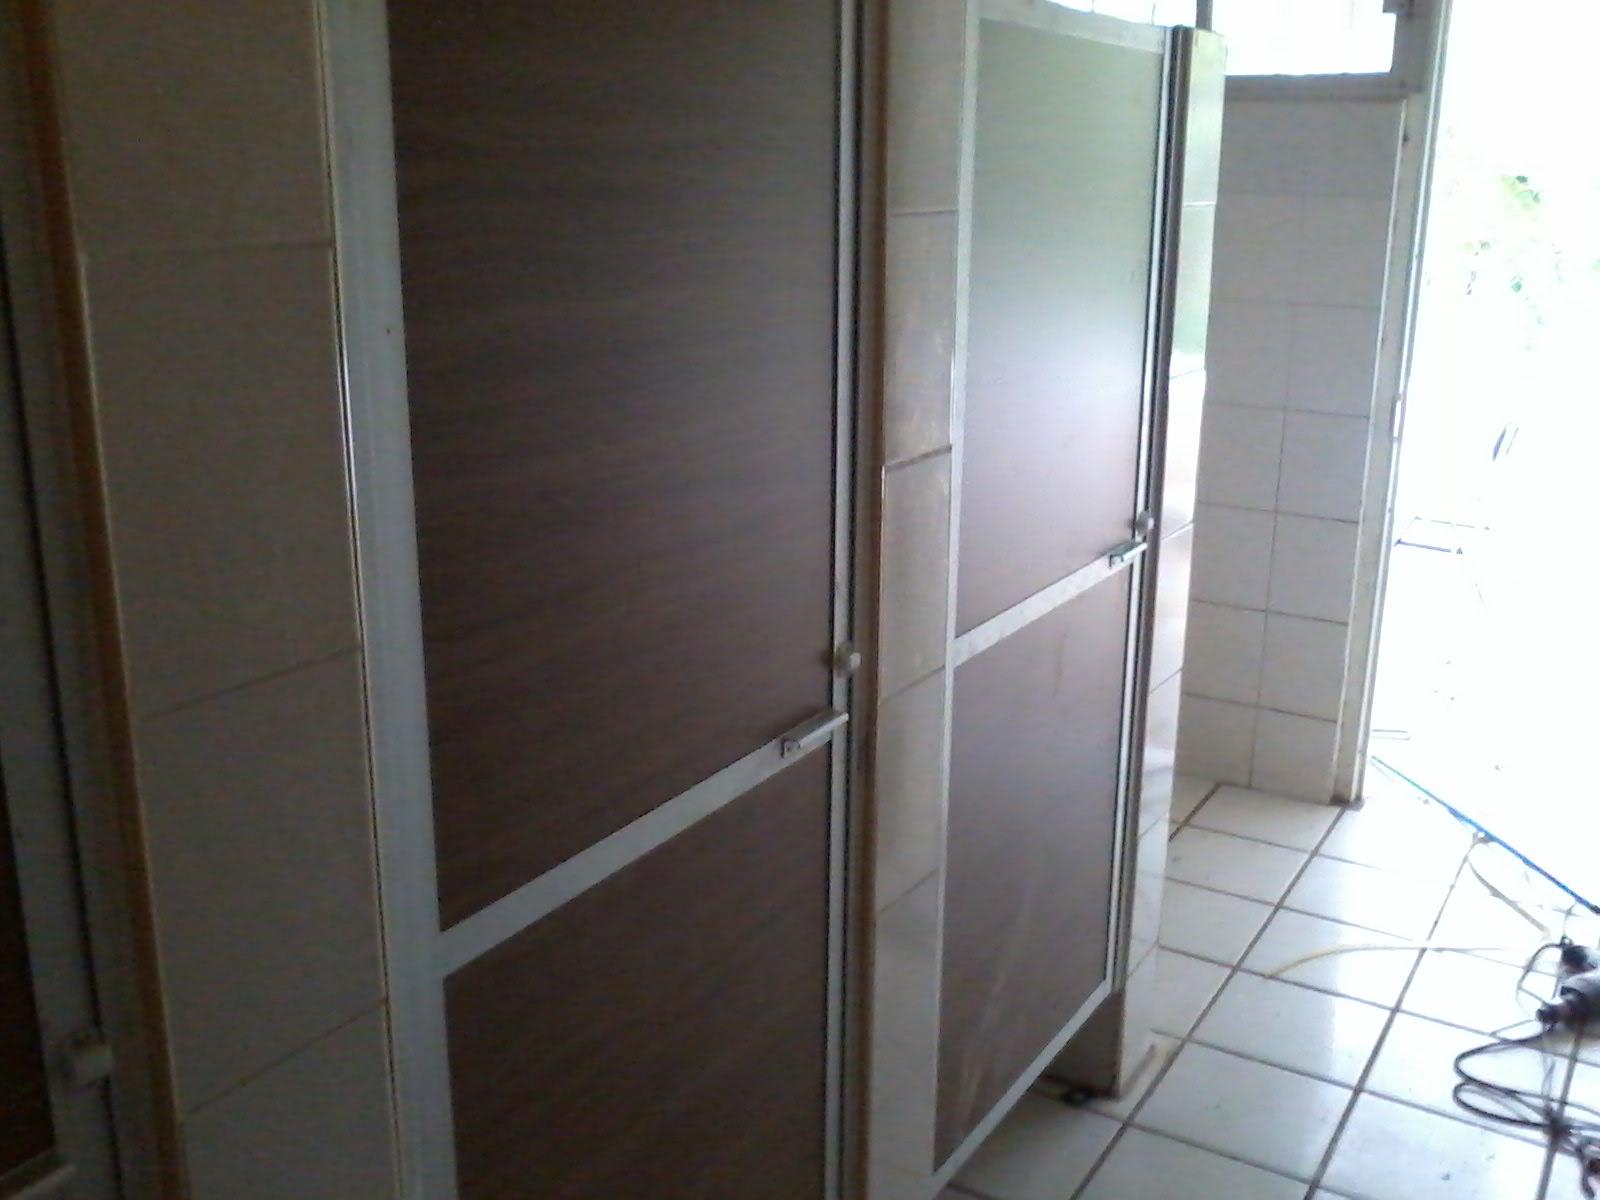 Puertas De Aluminio Blanco Para Baño:Puerta para baño en aluminio natural de 2 pulgadas y panelar color